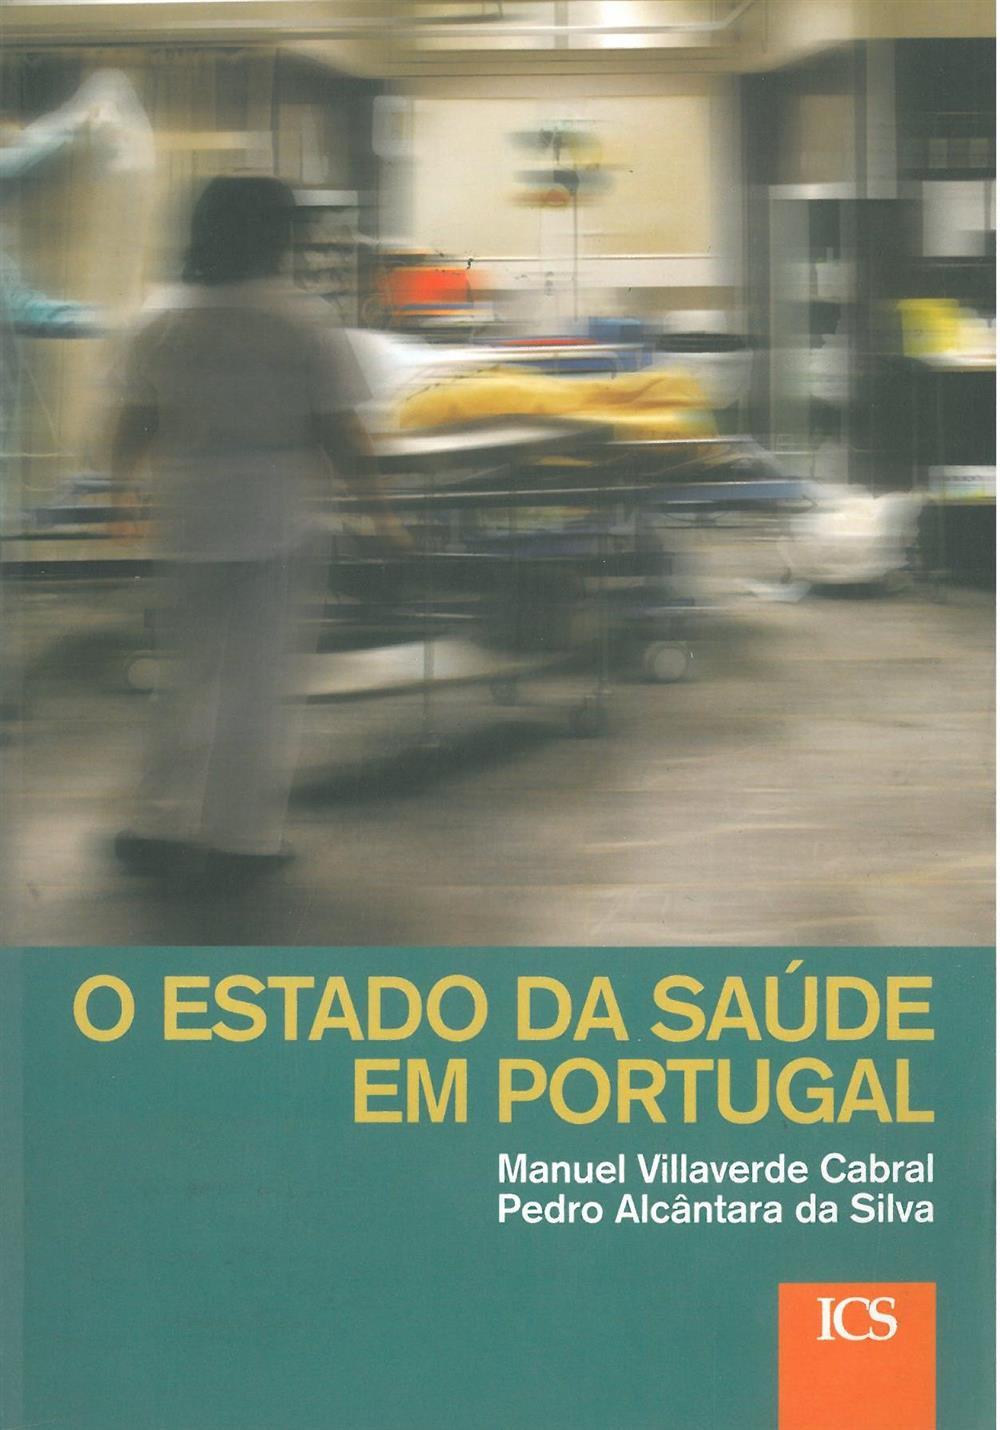 O estado da saúde em Portugal_.jpg